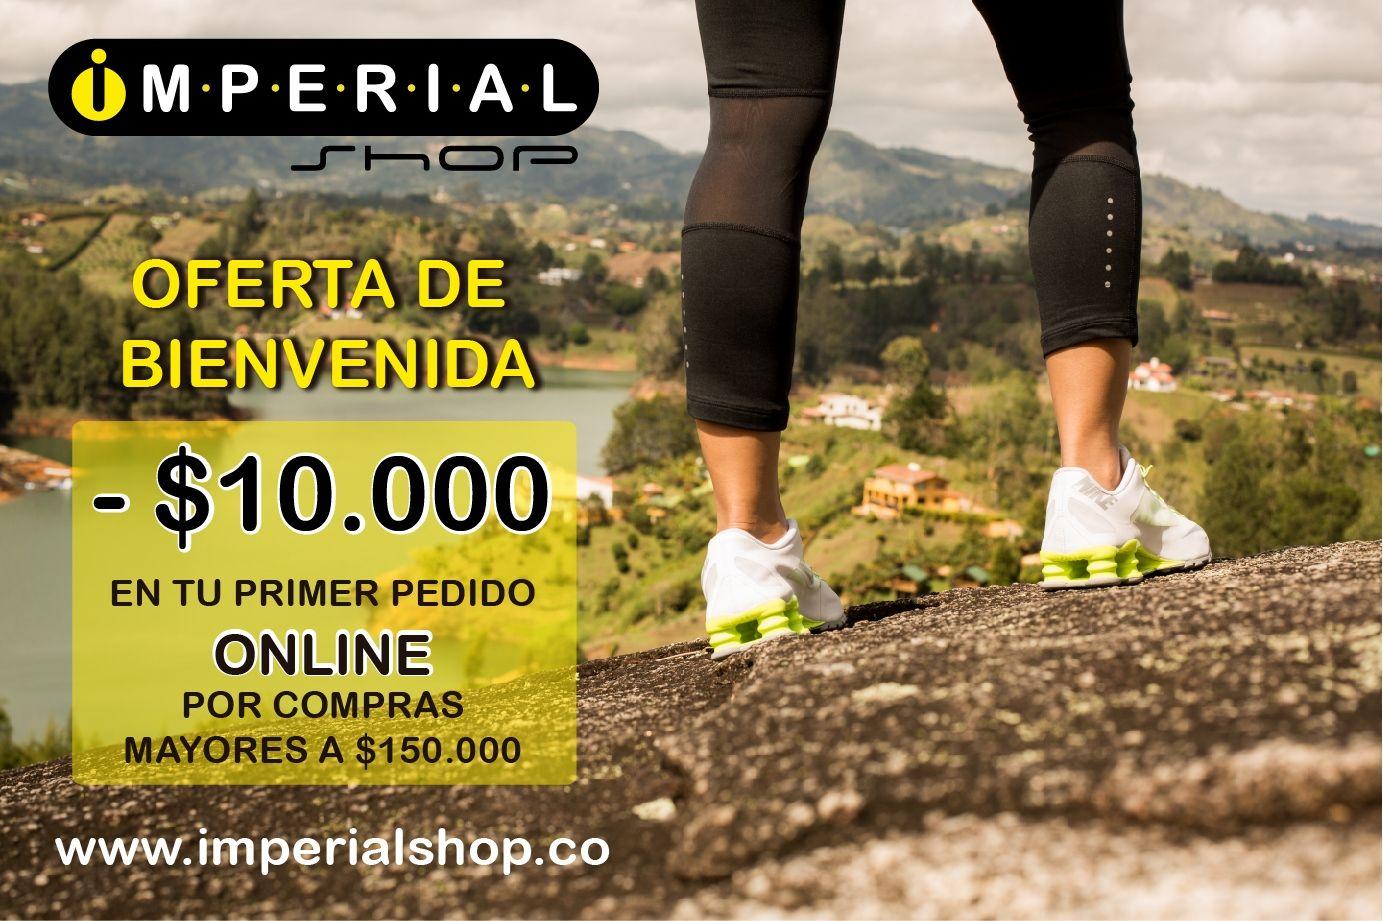 APROVECHA NUESTROS DESCUENTOS POR COMPRAS ONLINE WWW.IMPERIALSHOP.CO